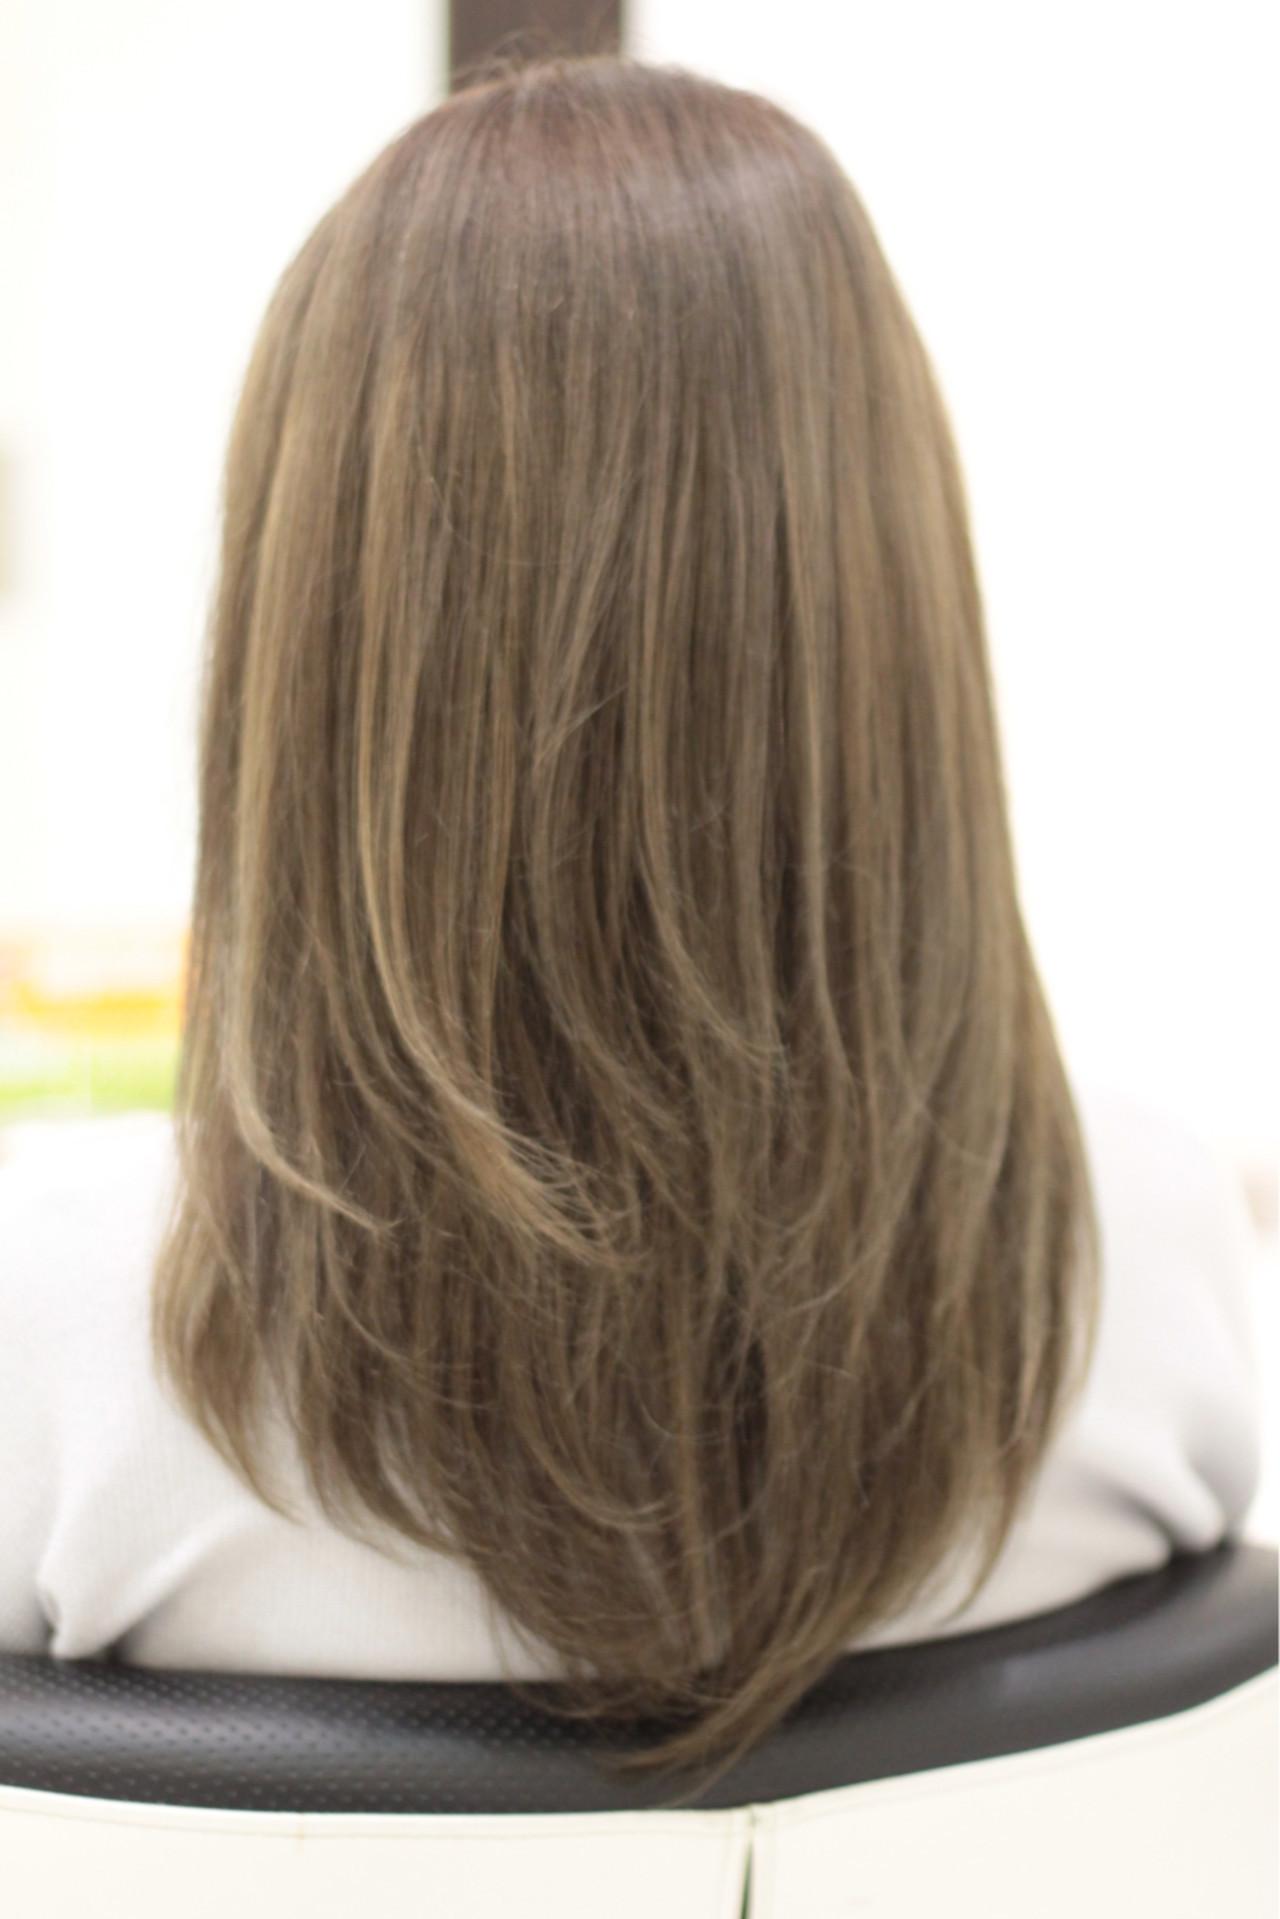 ハイライト デート グレージュ ロング ヘアスタイルや髪型の写真・画像